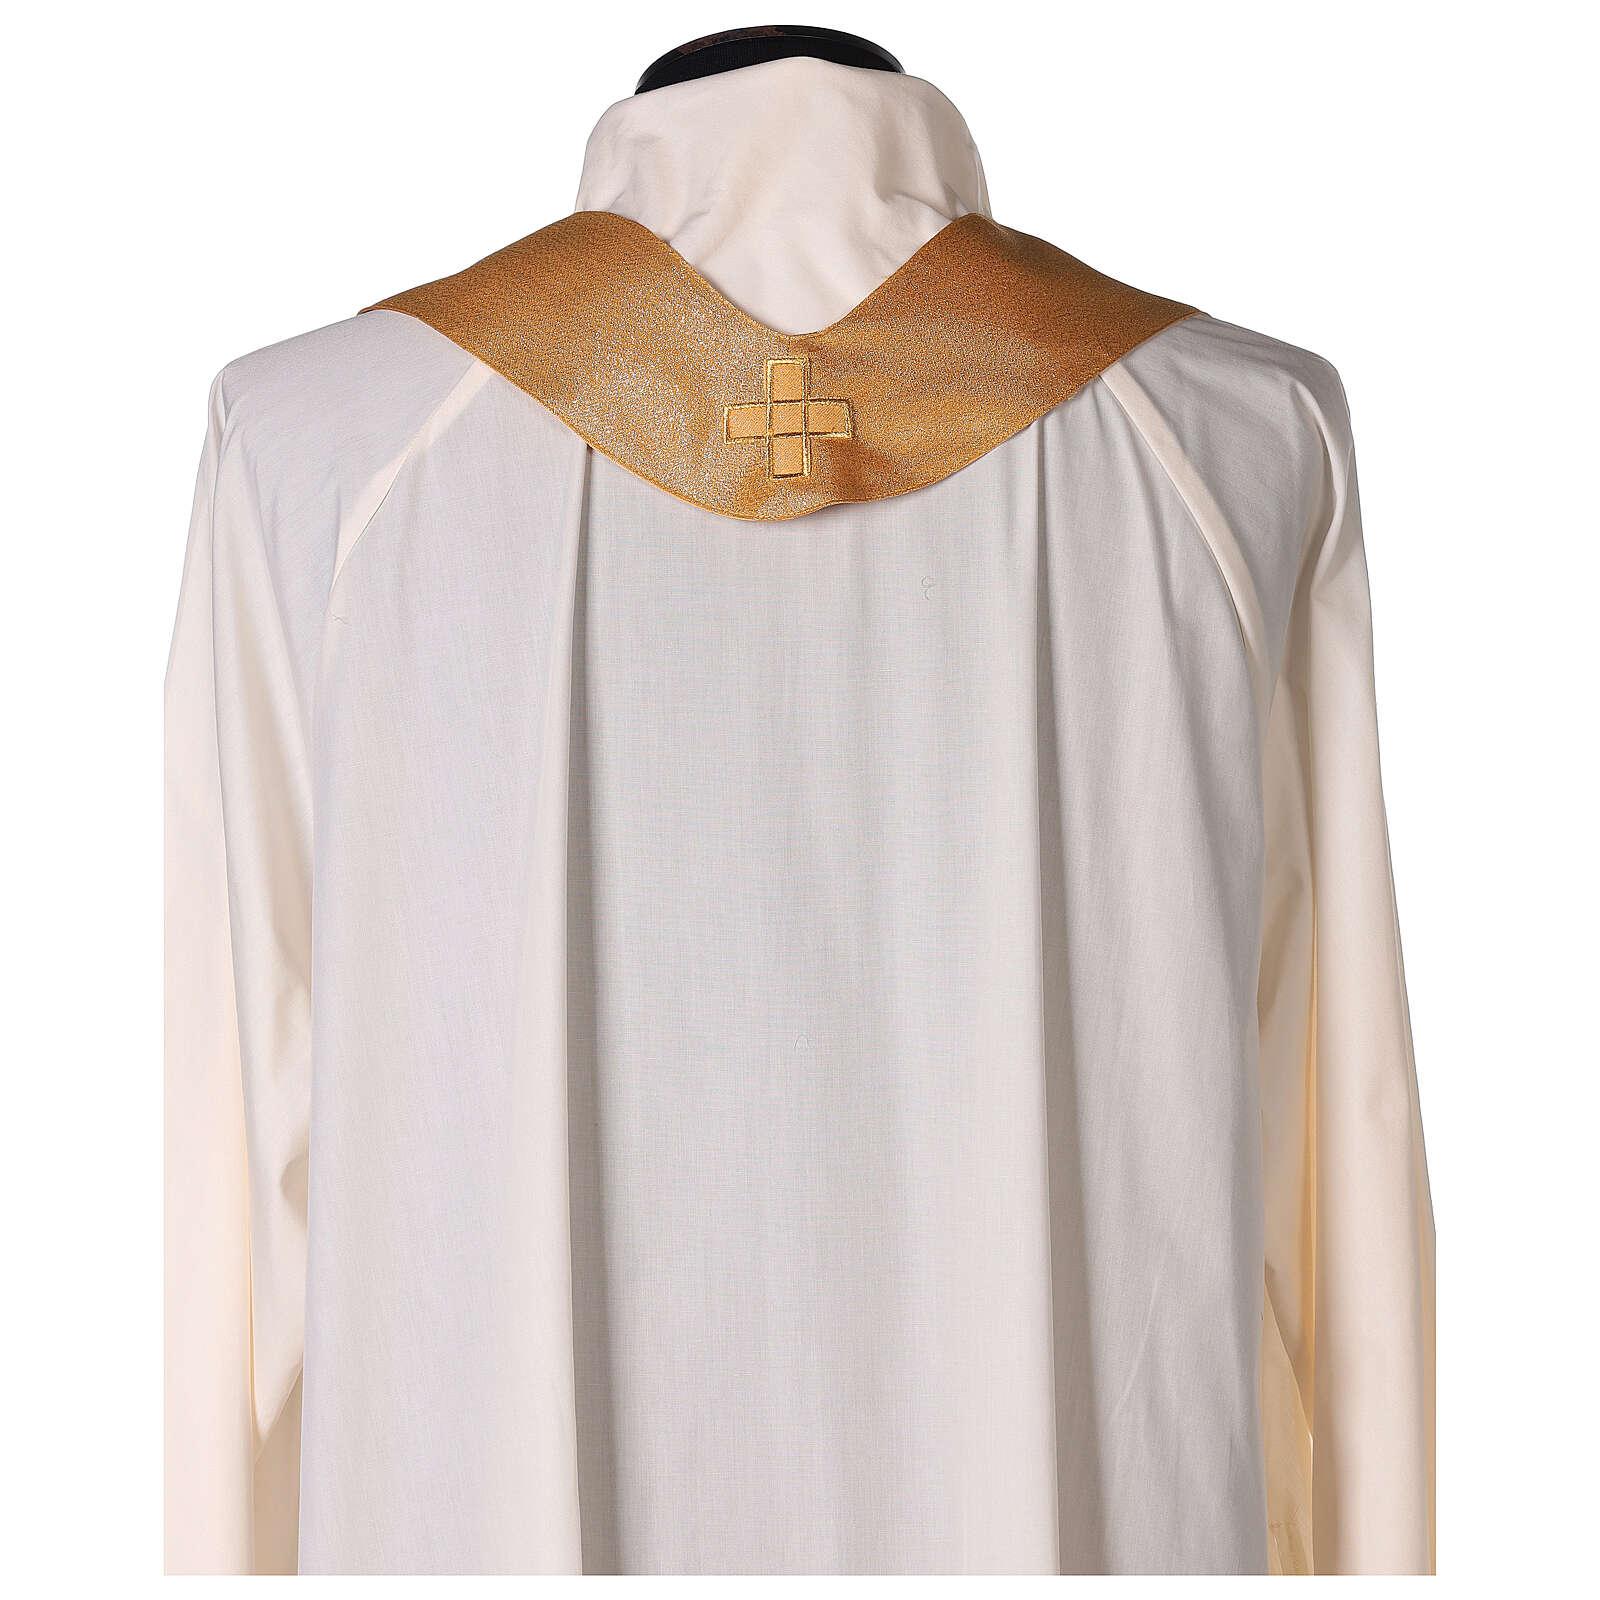 Ornat z poliestru złoty z haftem krzyża maszynowym na płaszczu 4